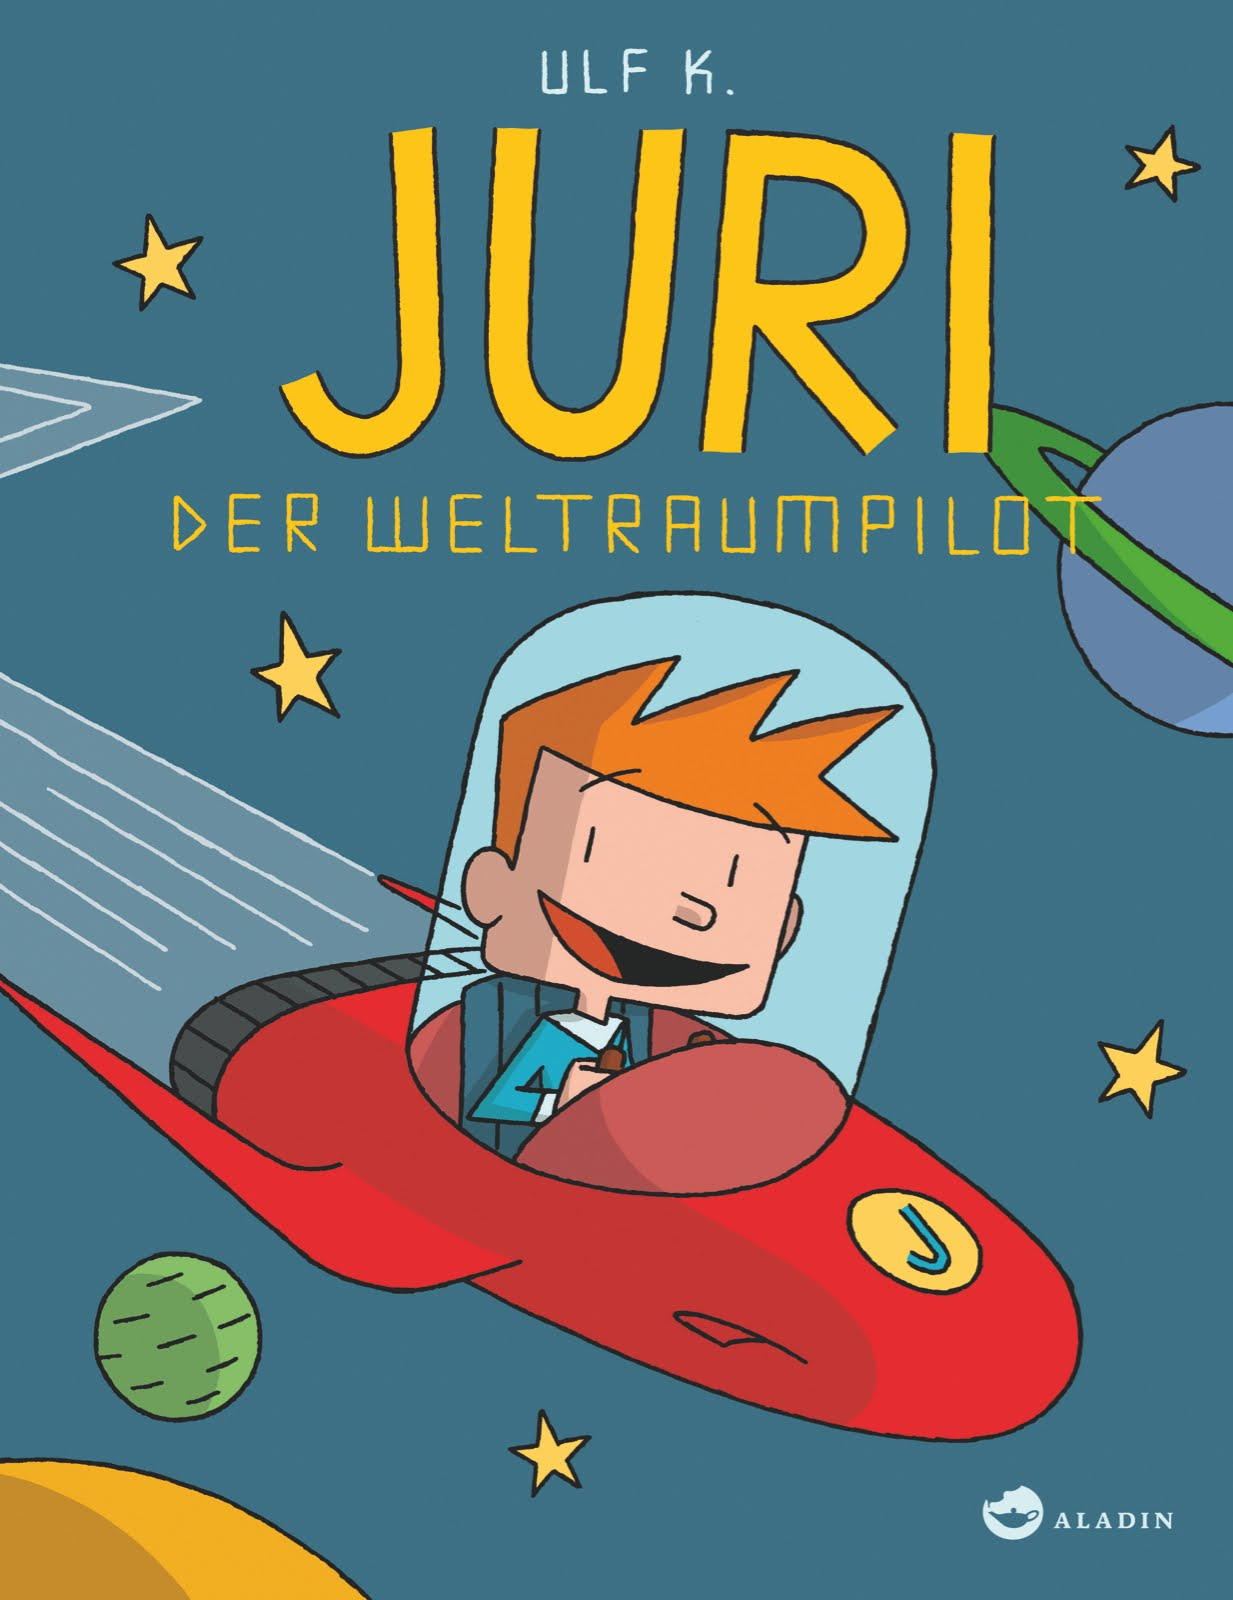 Juri, der Weltraumpilot; 2015